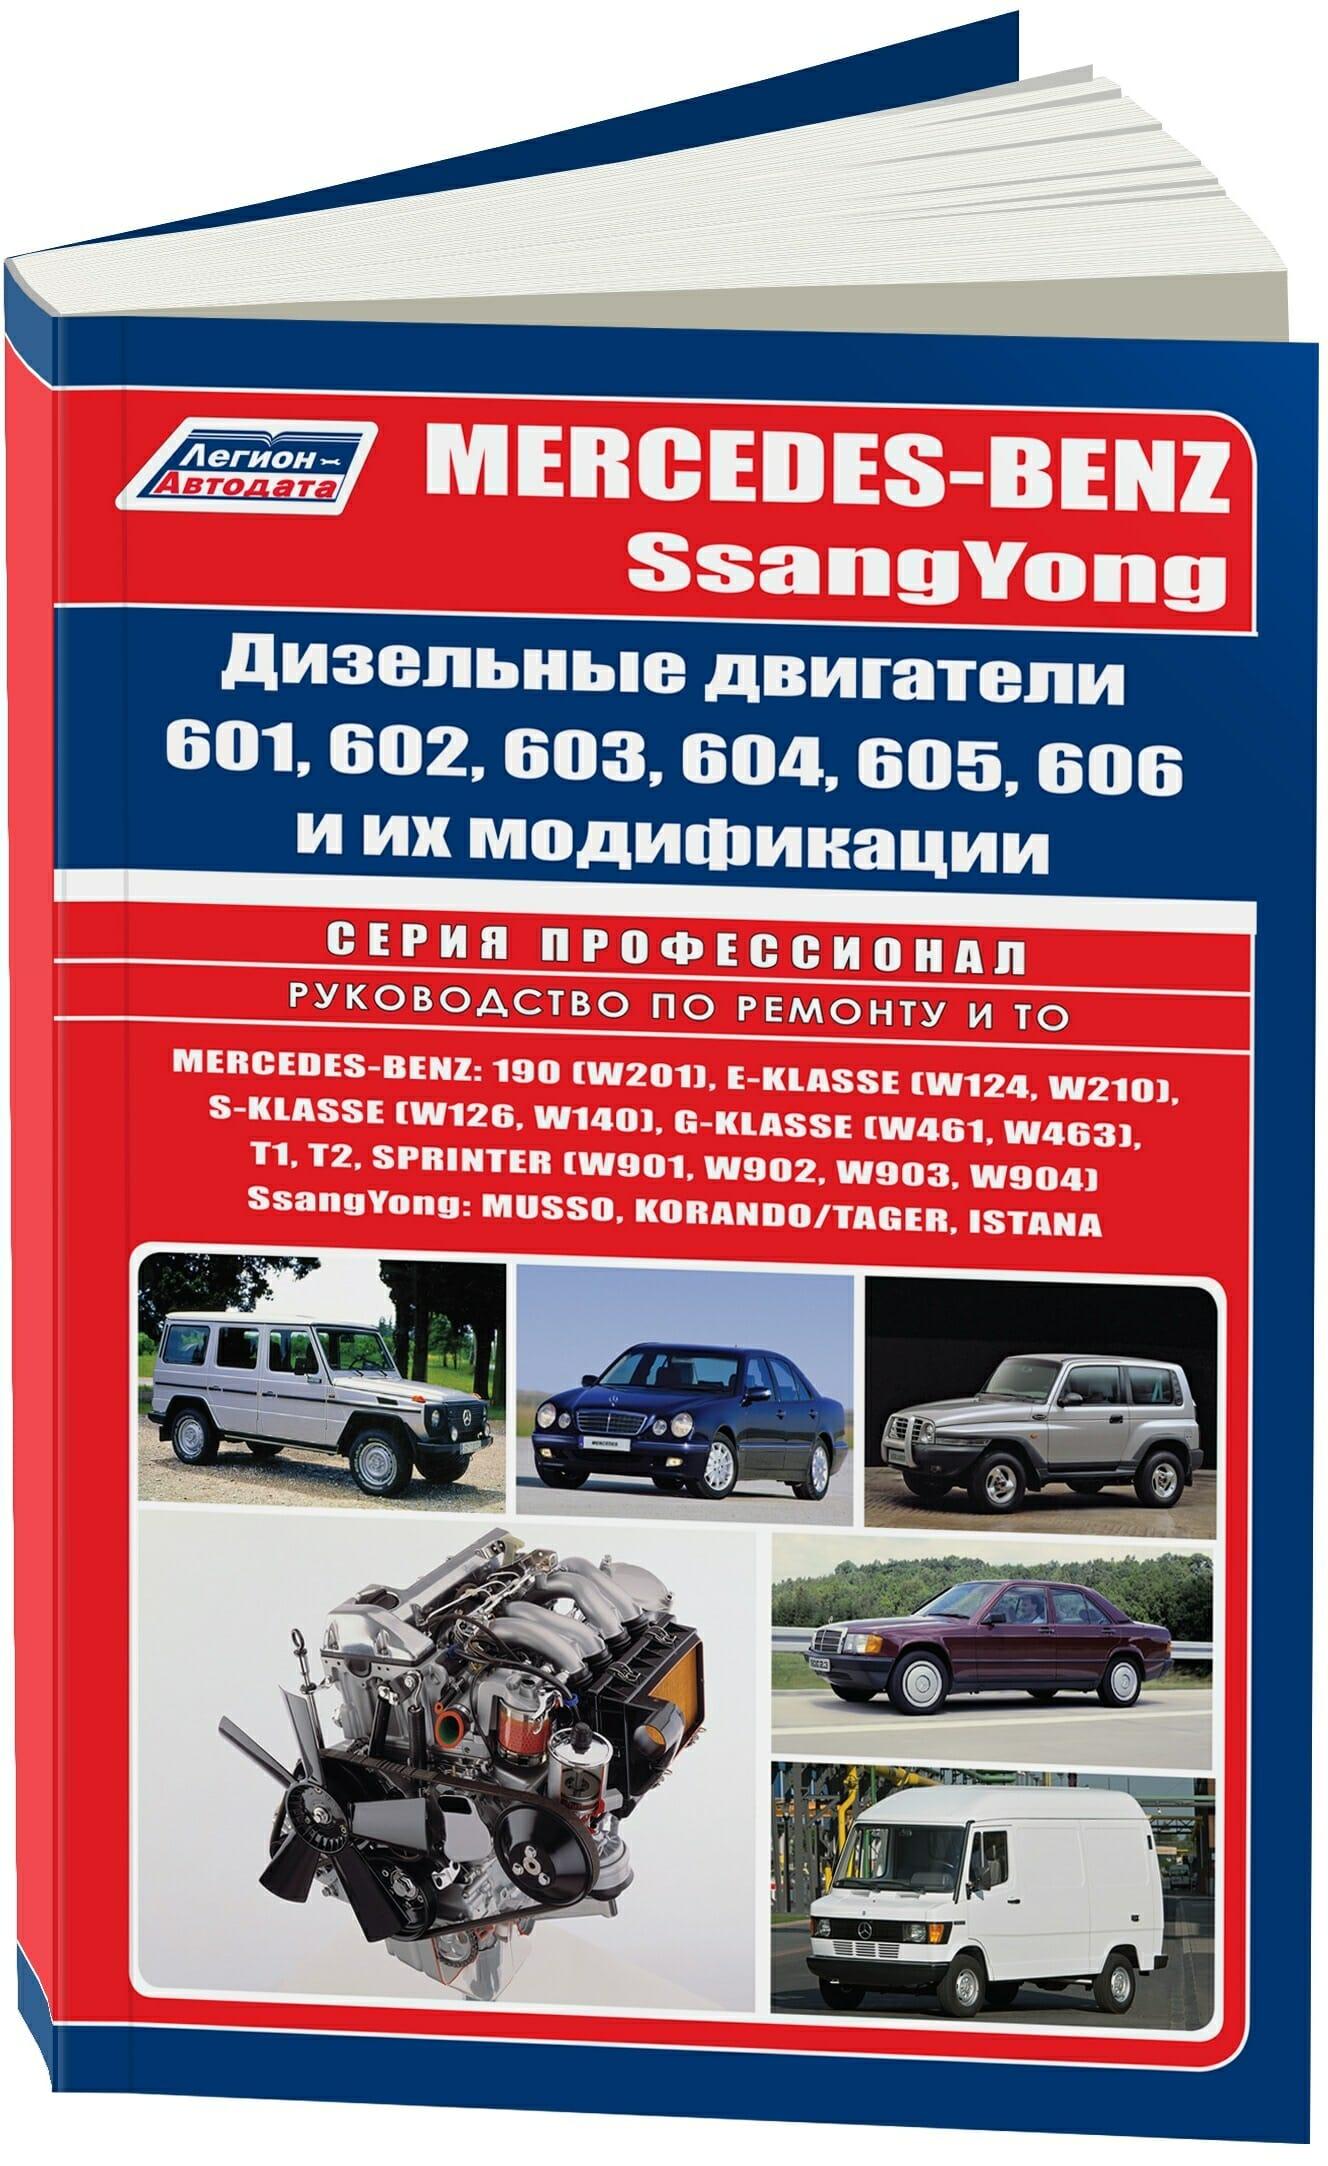 Книга руководство по ремонту дизельных двигателей OM 601,602,603, 604, 605, 606 и их модификации